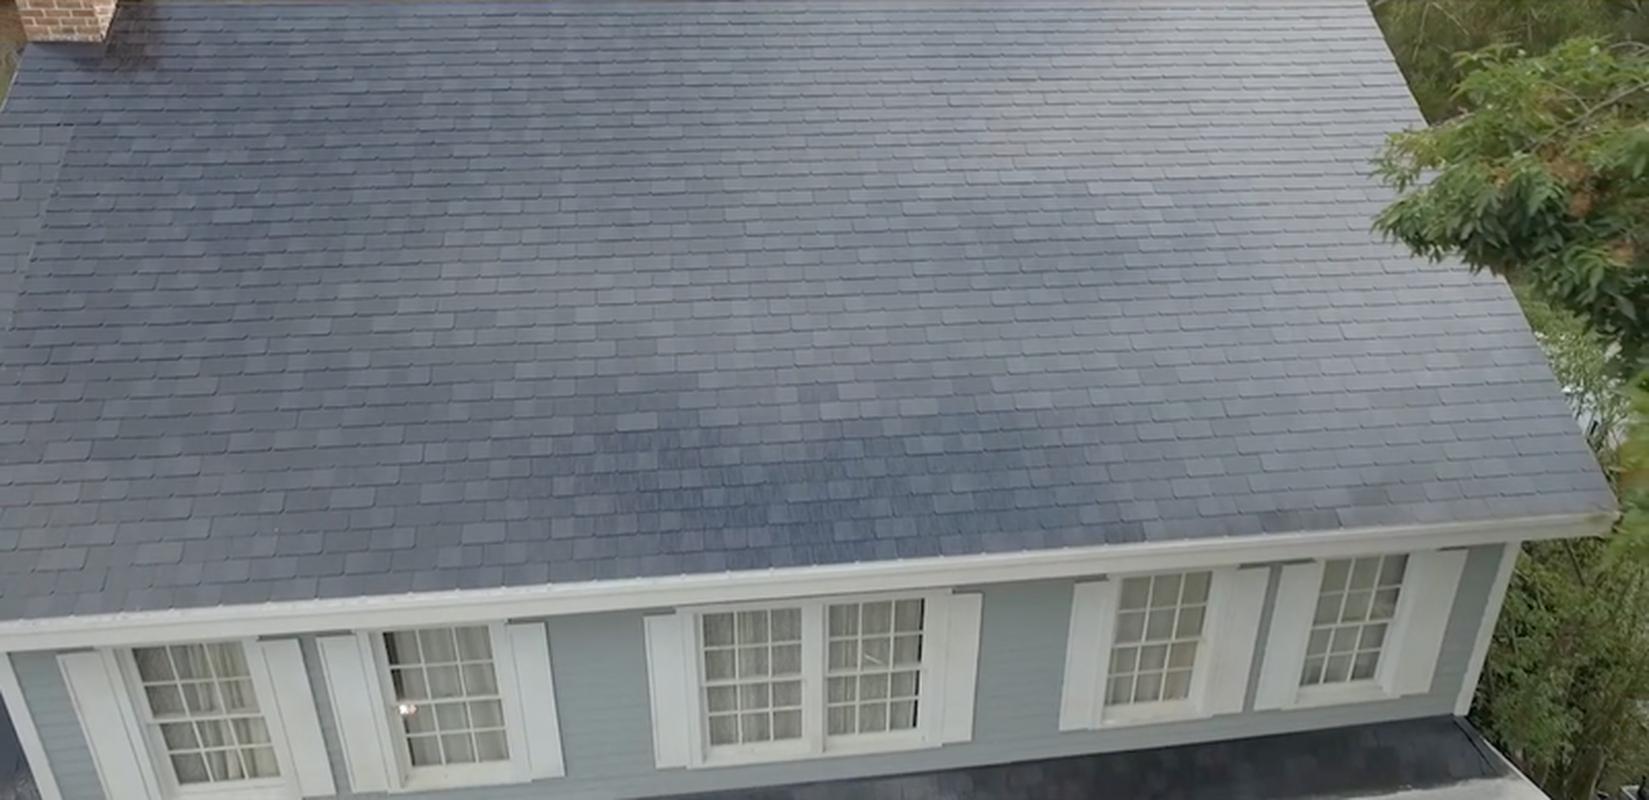 Solarne Dach 243 Wki Tesli Ruszyła Sprzedaż